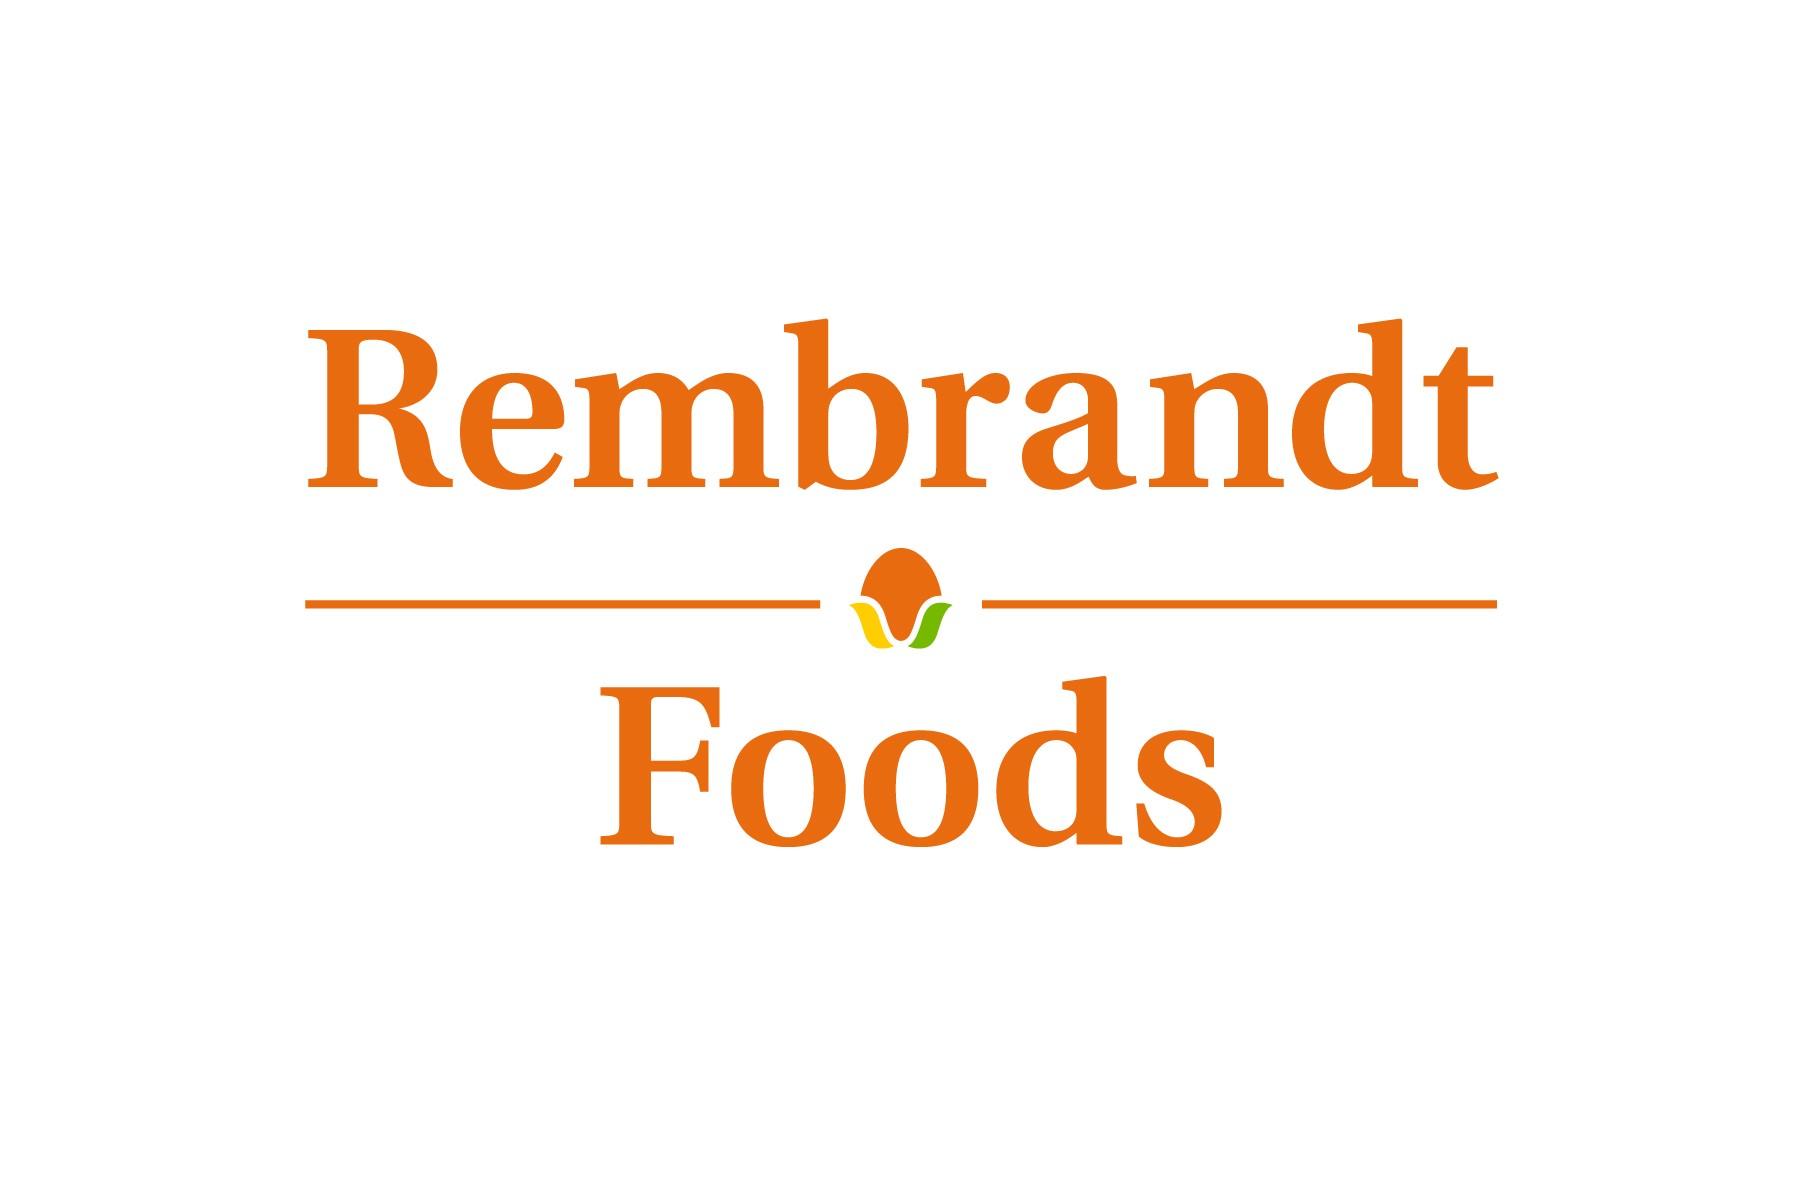 Rembrandt Foods